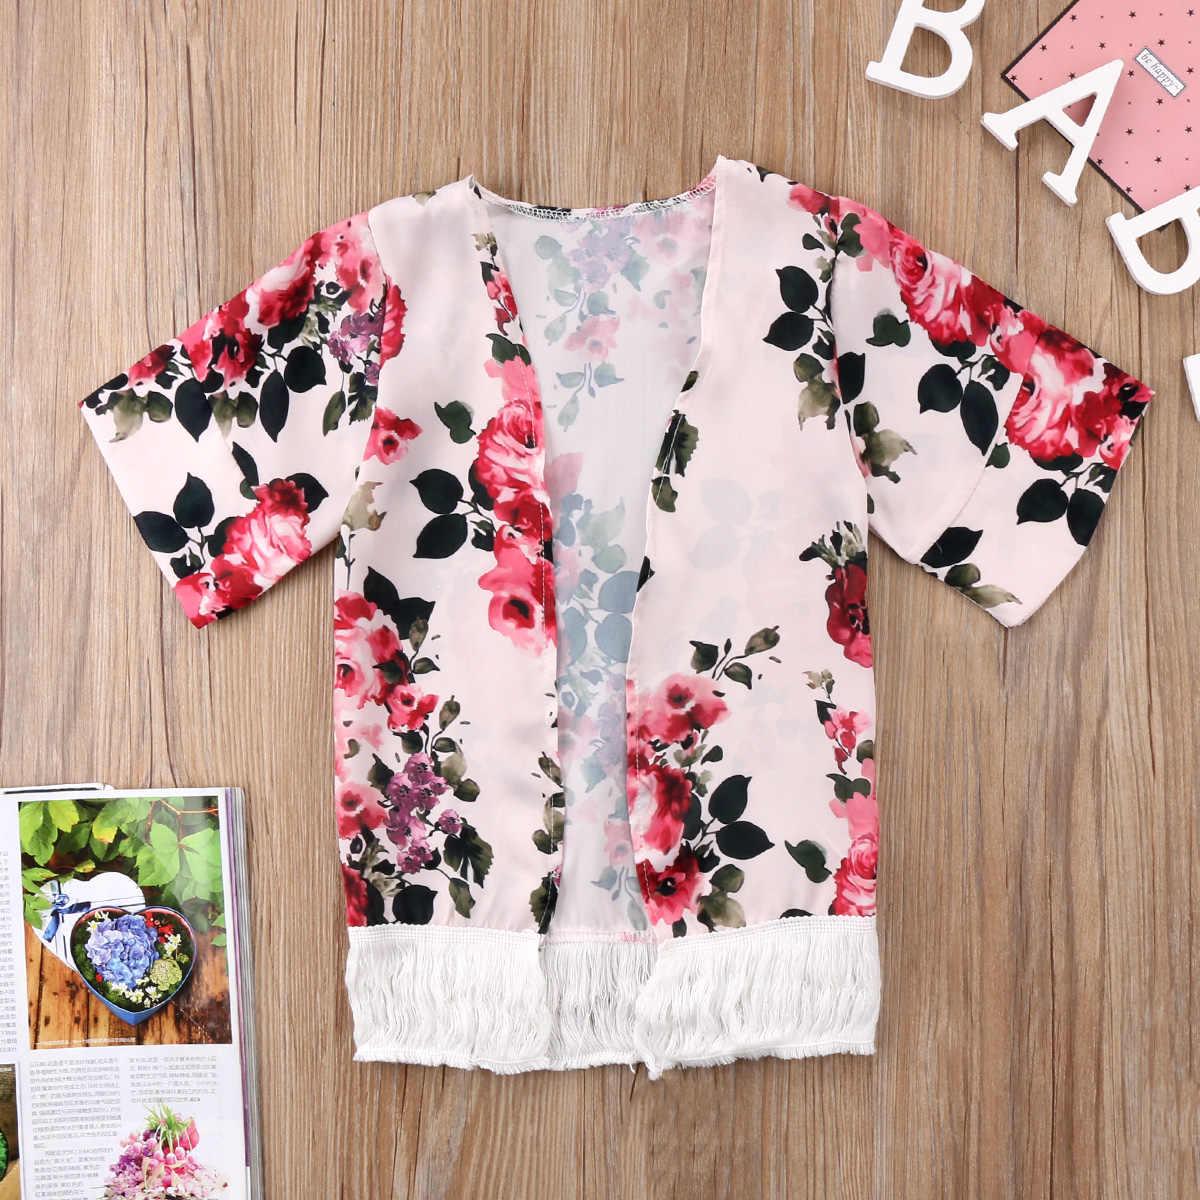 ホット夏自由奔放に生きる幼児の女の子の子供子供シフォン花タッセルカバーカーディガン着物衣装コート 2 色